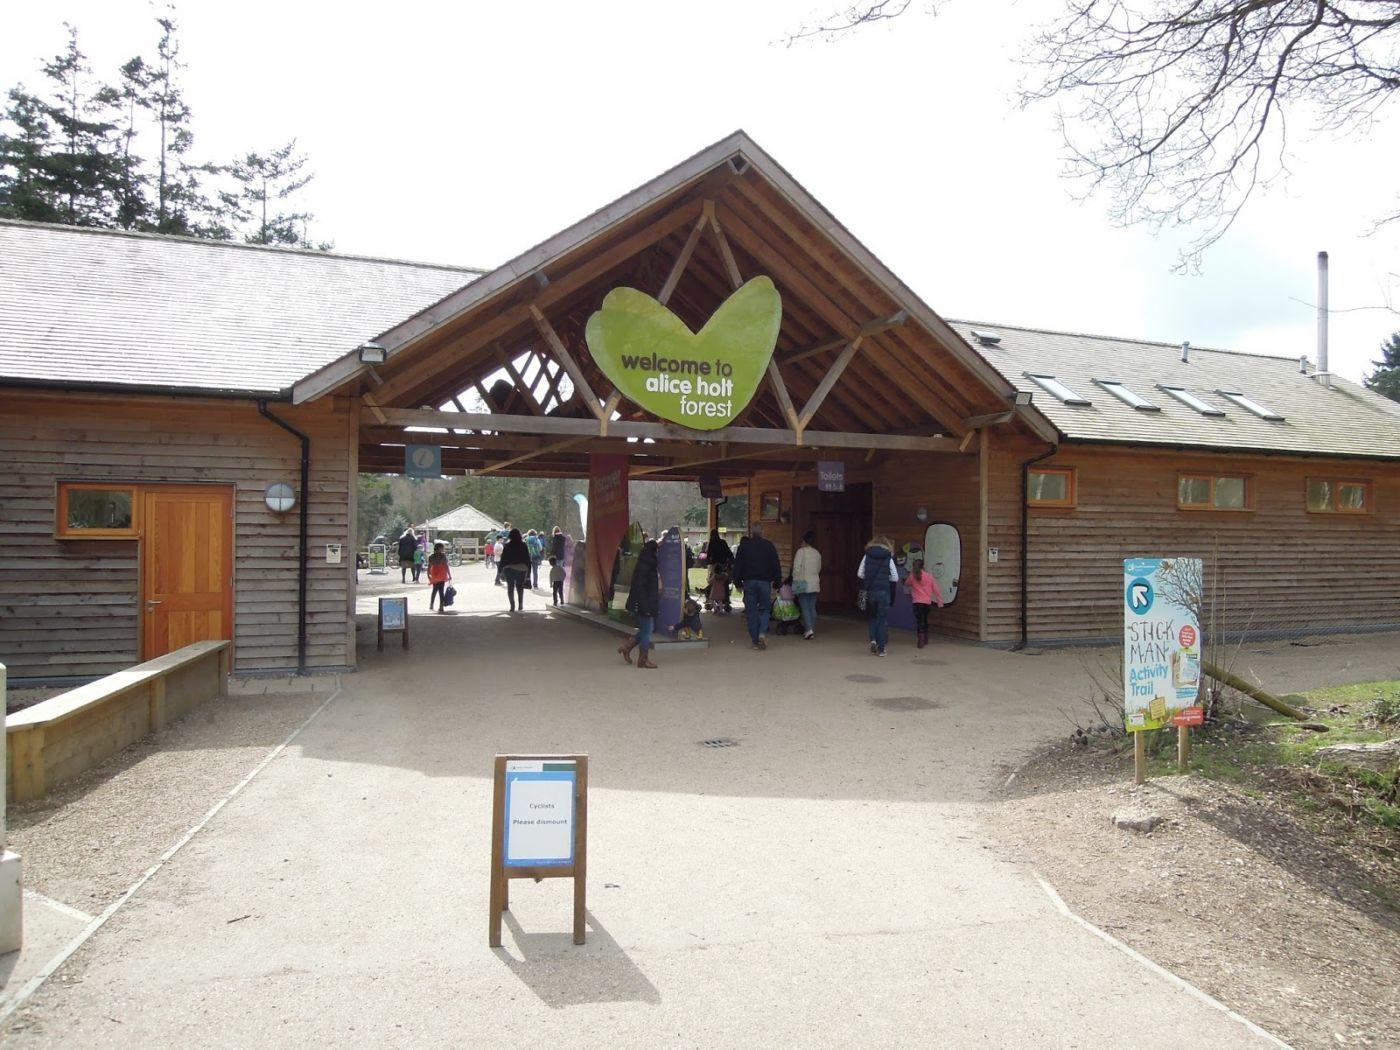 Alice Holt Forest Entrance